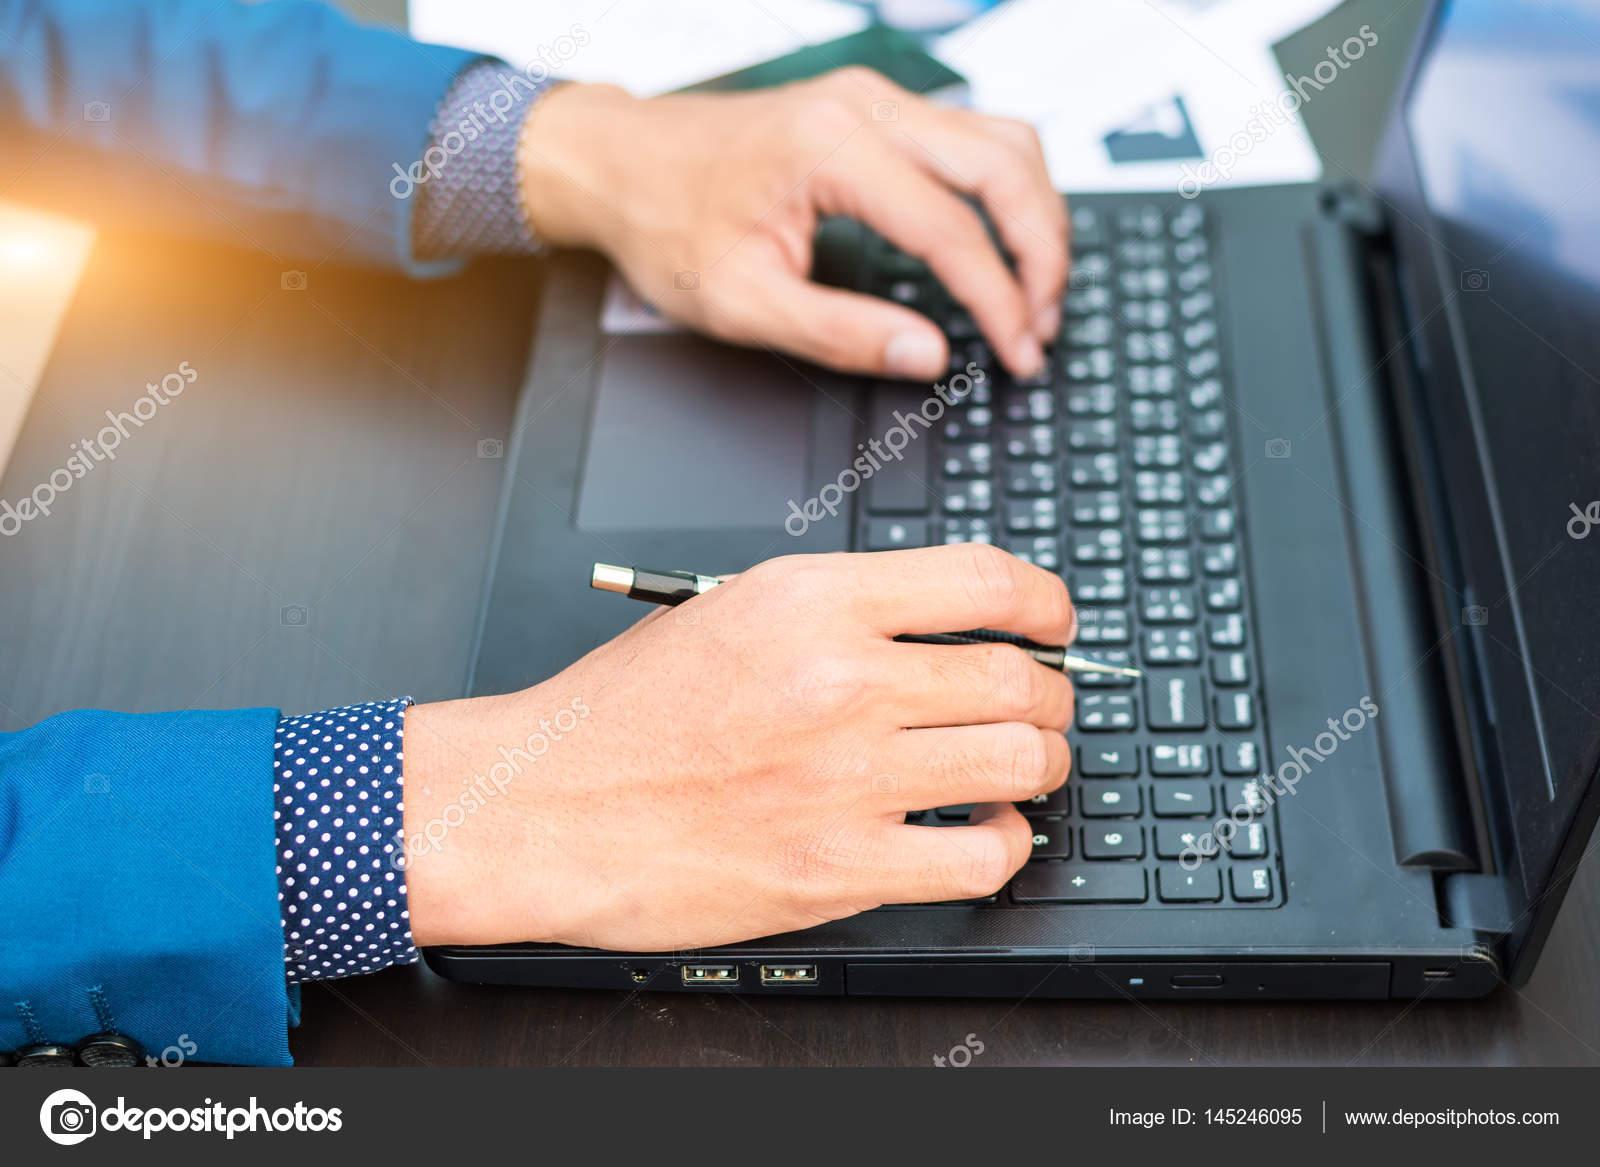 Ноутбук для торговли на форекс торговля на форекс видеокурс